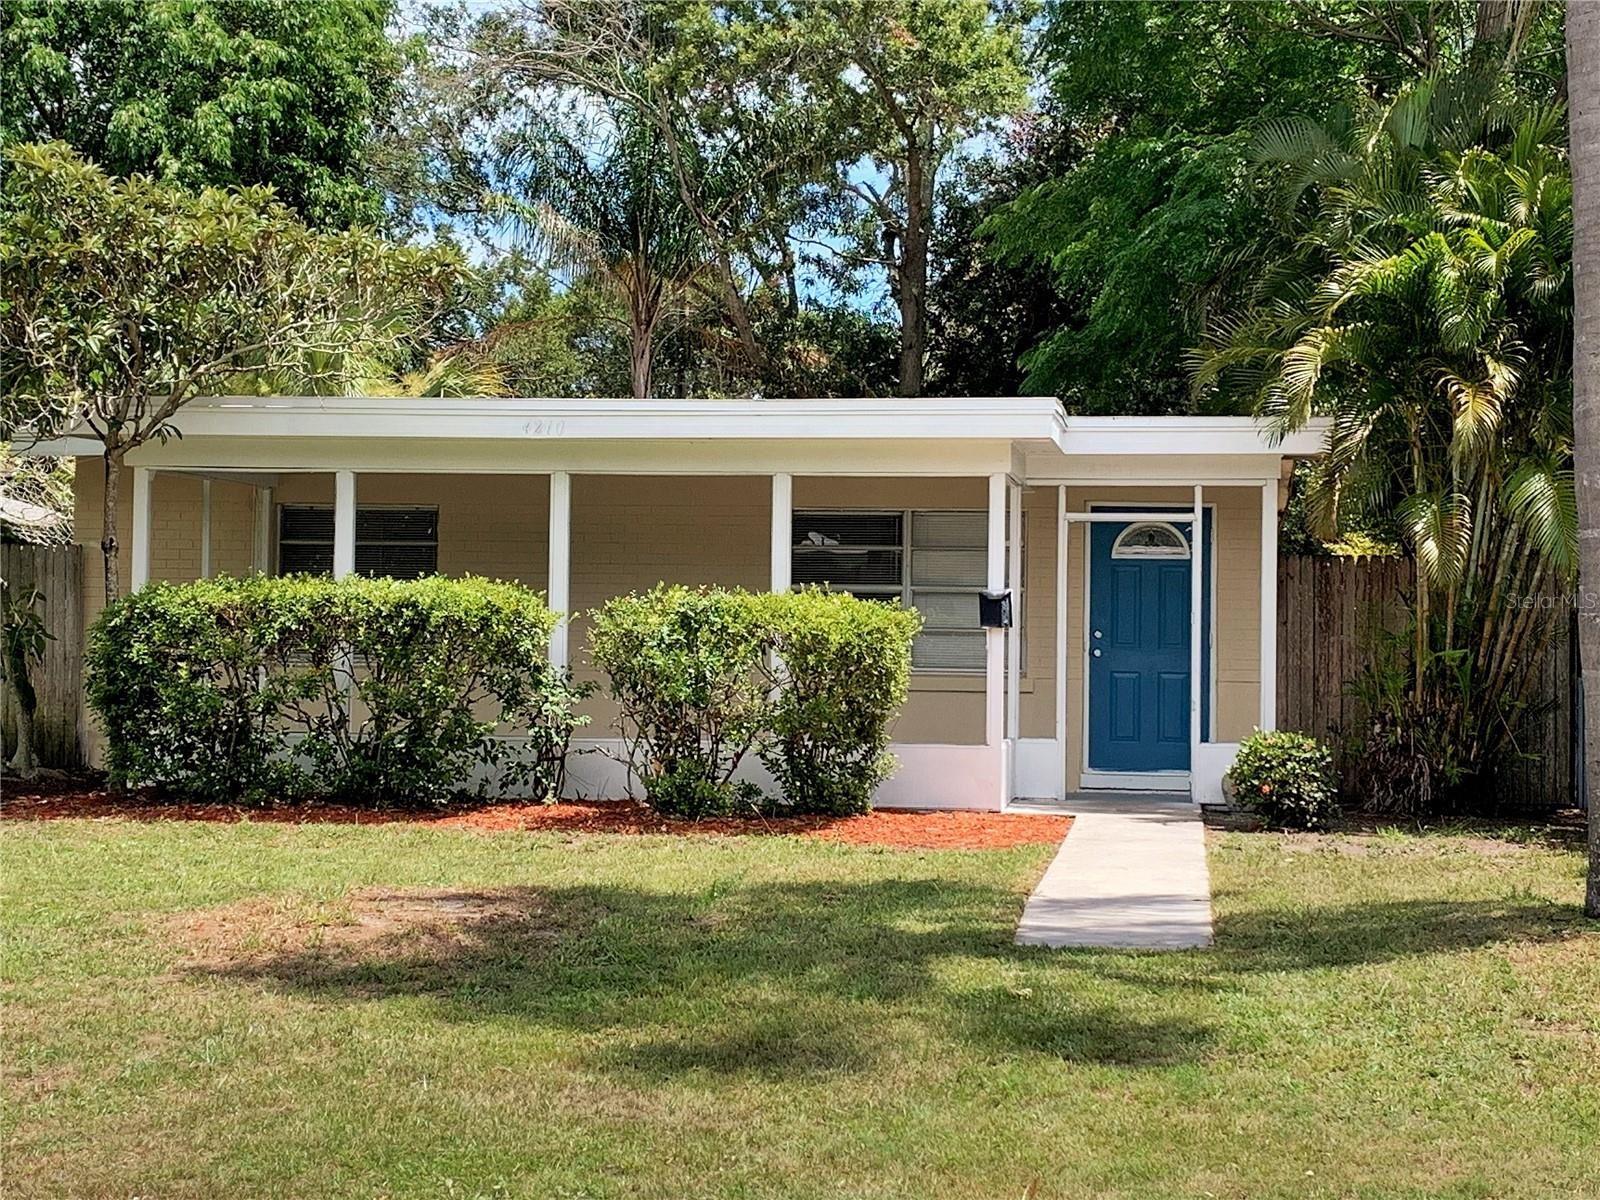 Photo of 4210 8TH AVENUE N, ST PETERSBURG, FL 33713 (MLS # U8127672)